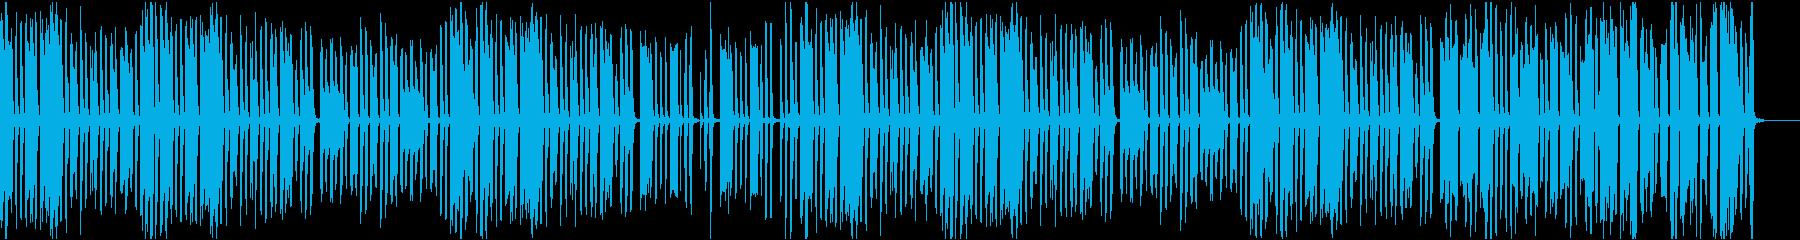 ゆるい雰囲気のコミカルなトイオーケストラの再生済みの波形